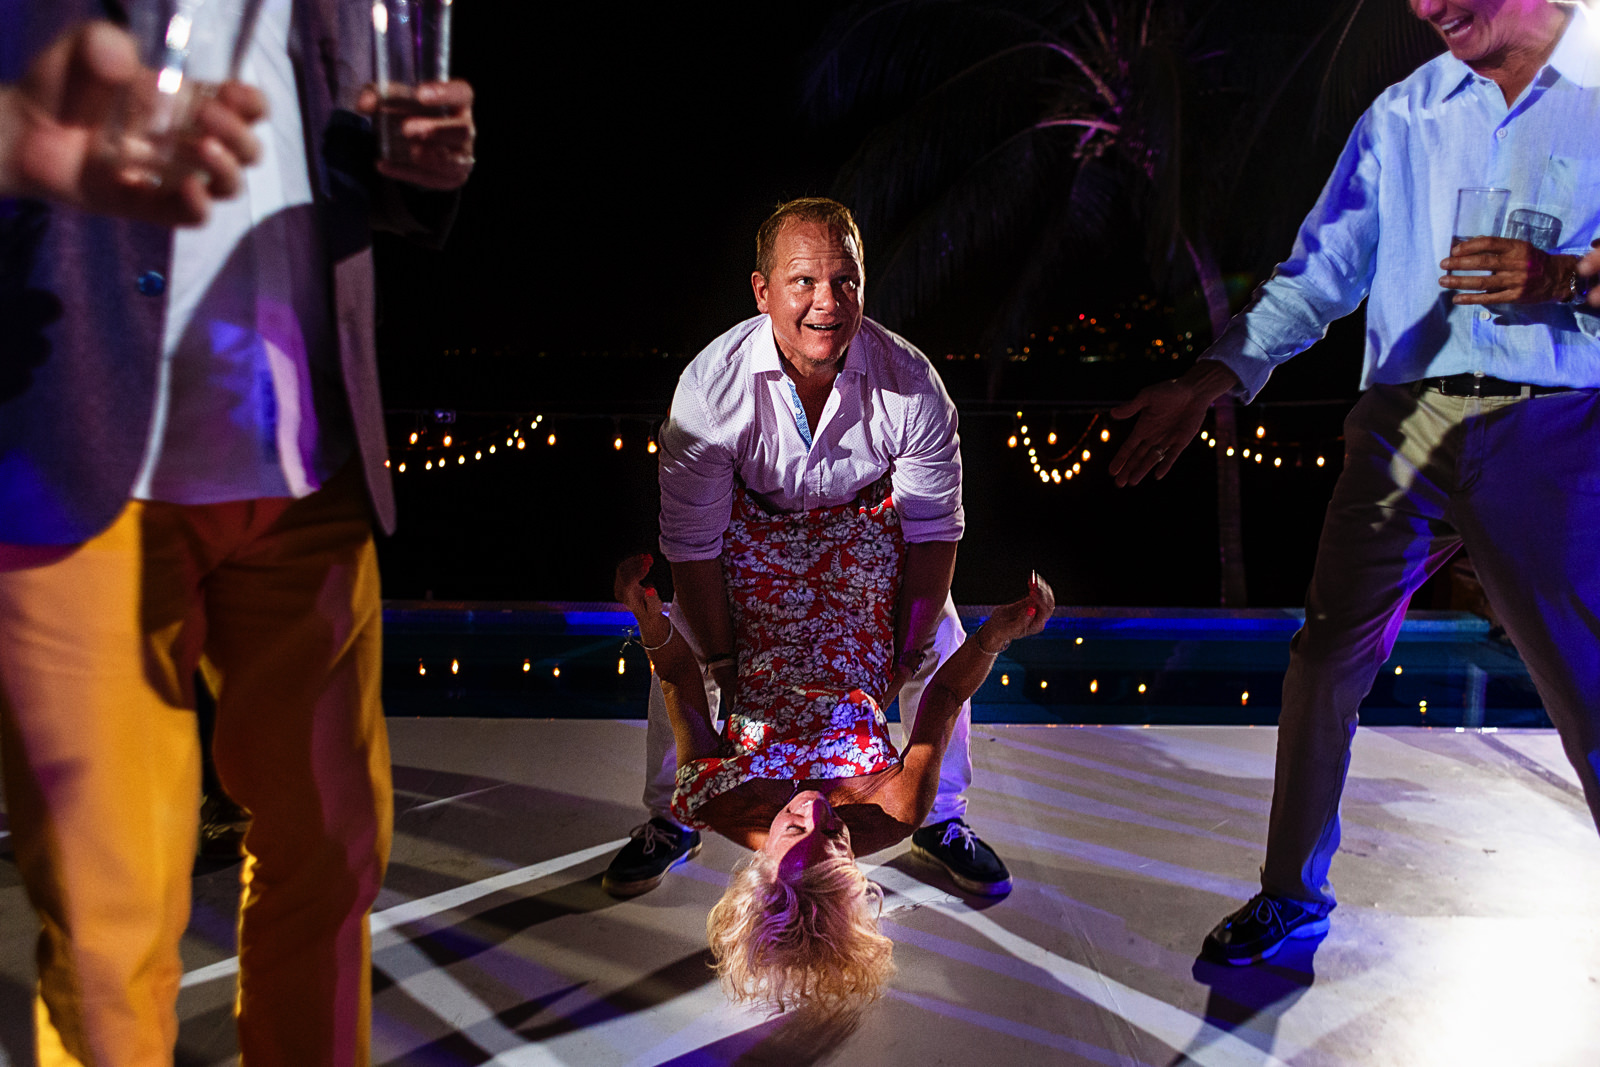 Wedding guests going crazy at the dancefloor